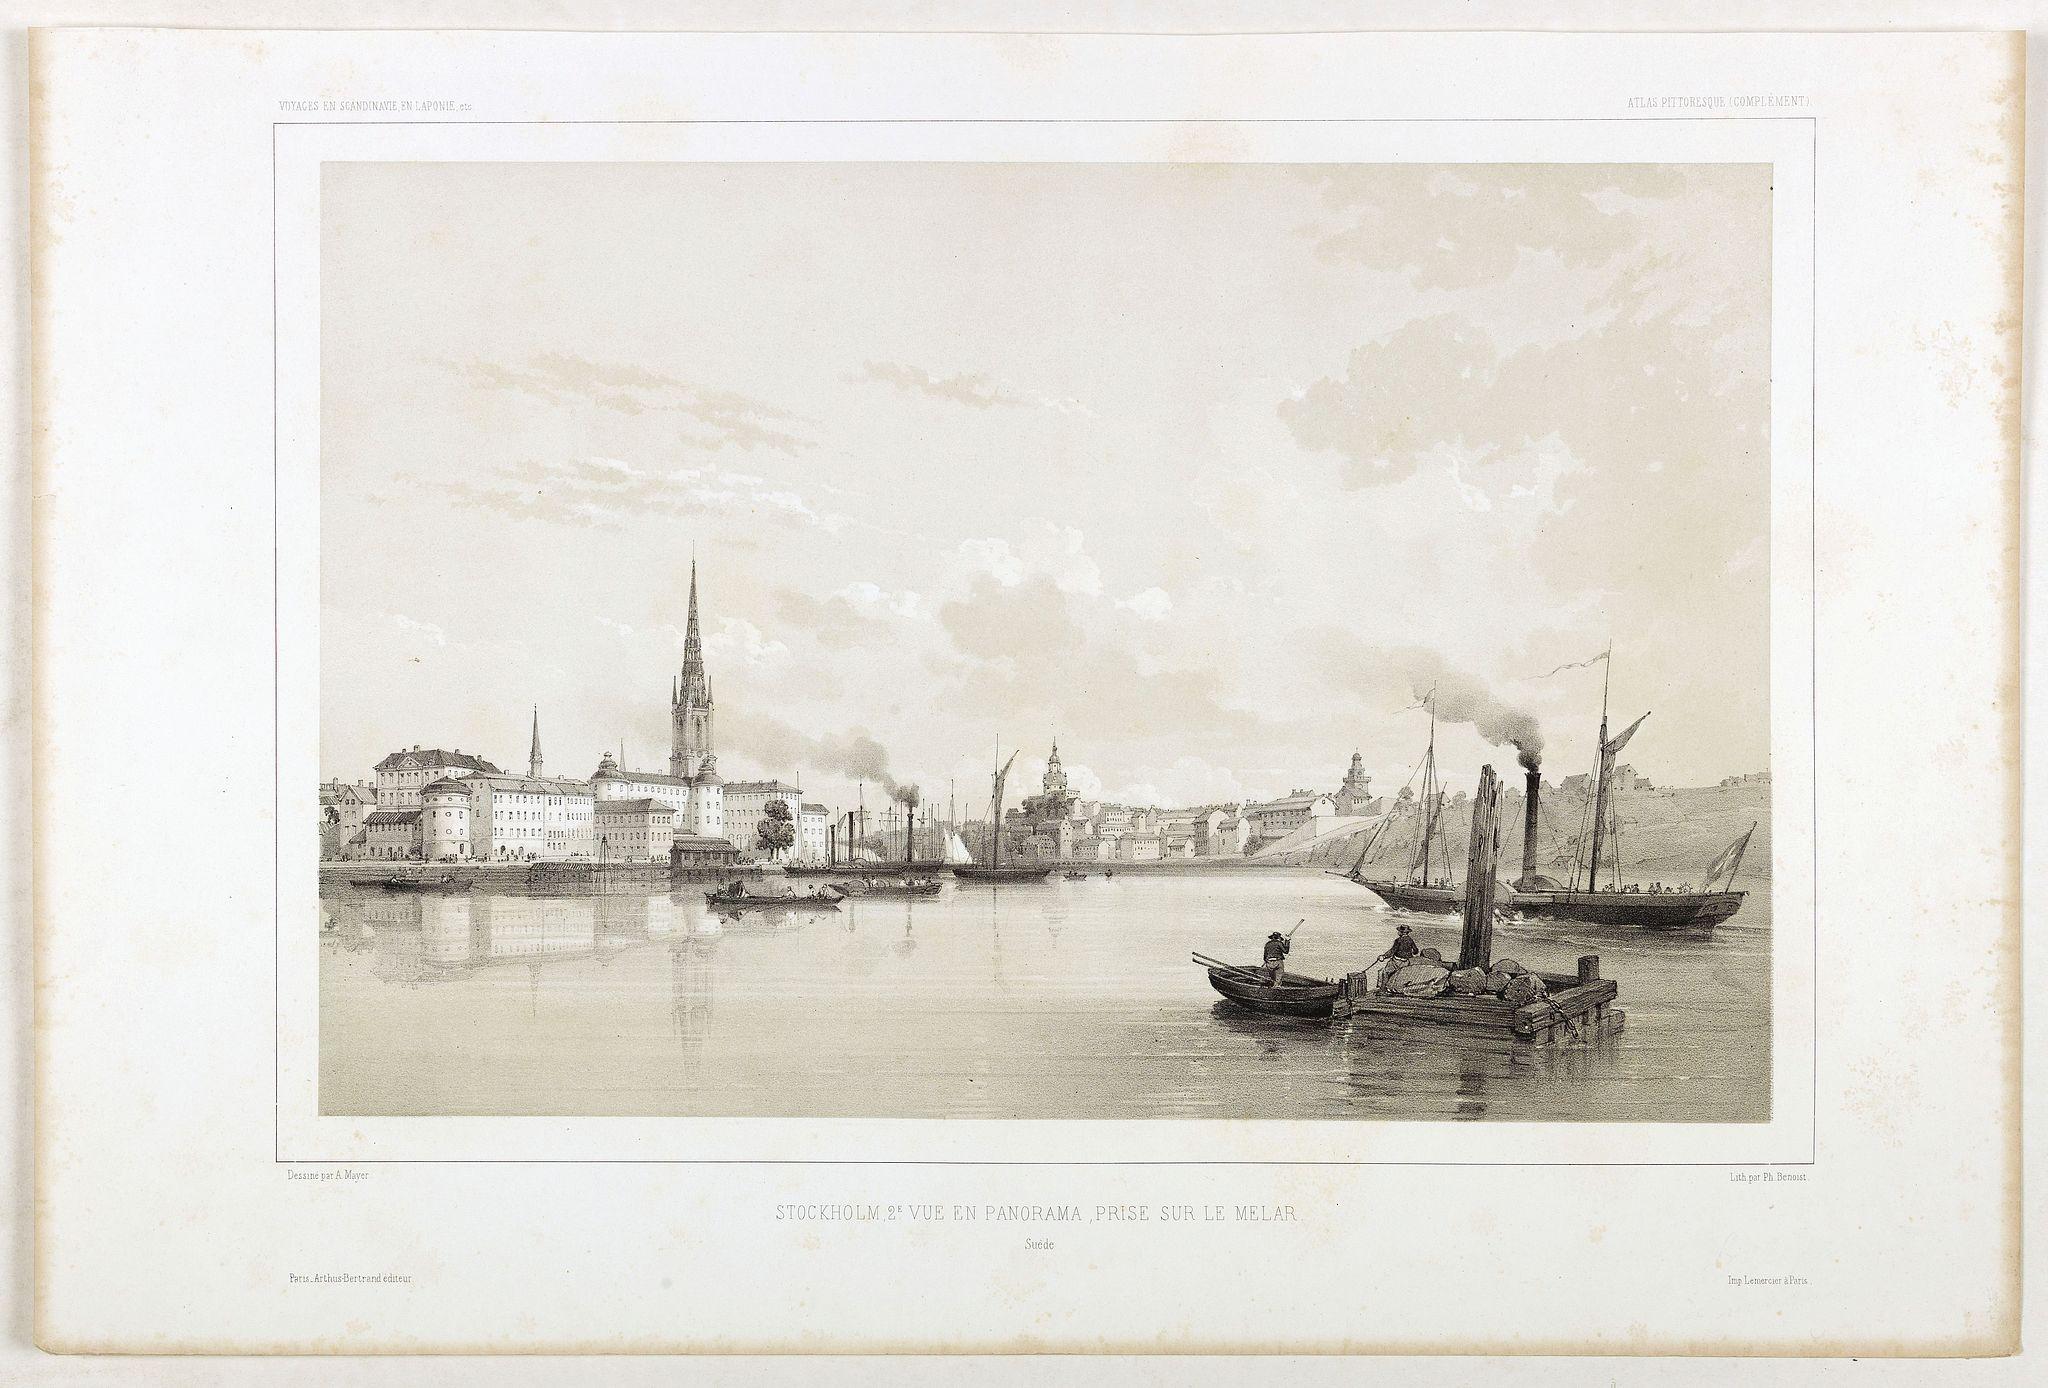 BERTRAND, Arthus. -  Stockholm, 2e vue en panorama, prise sur le Velar.